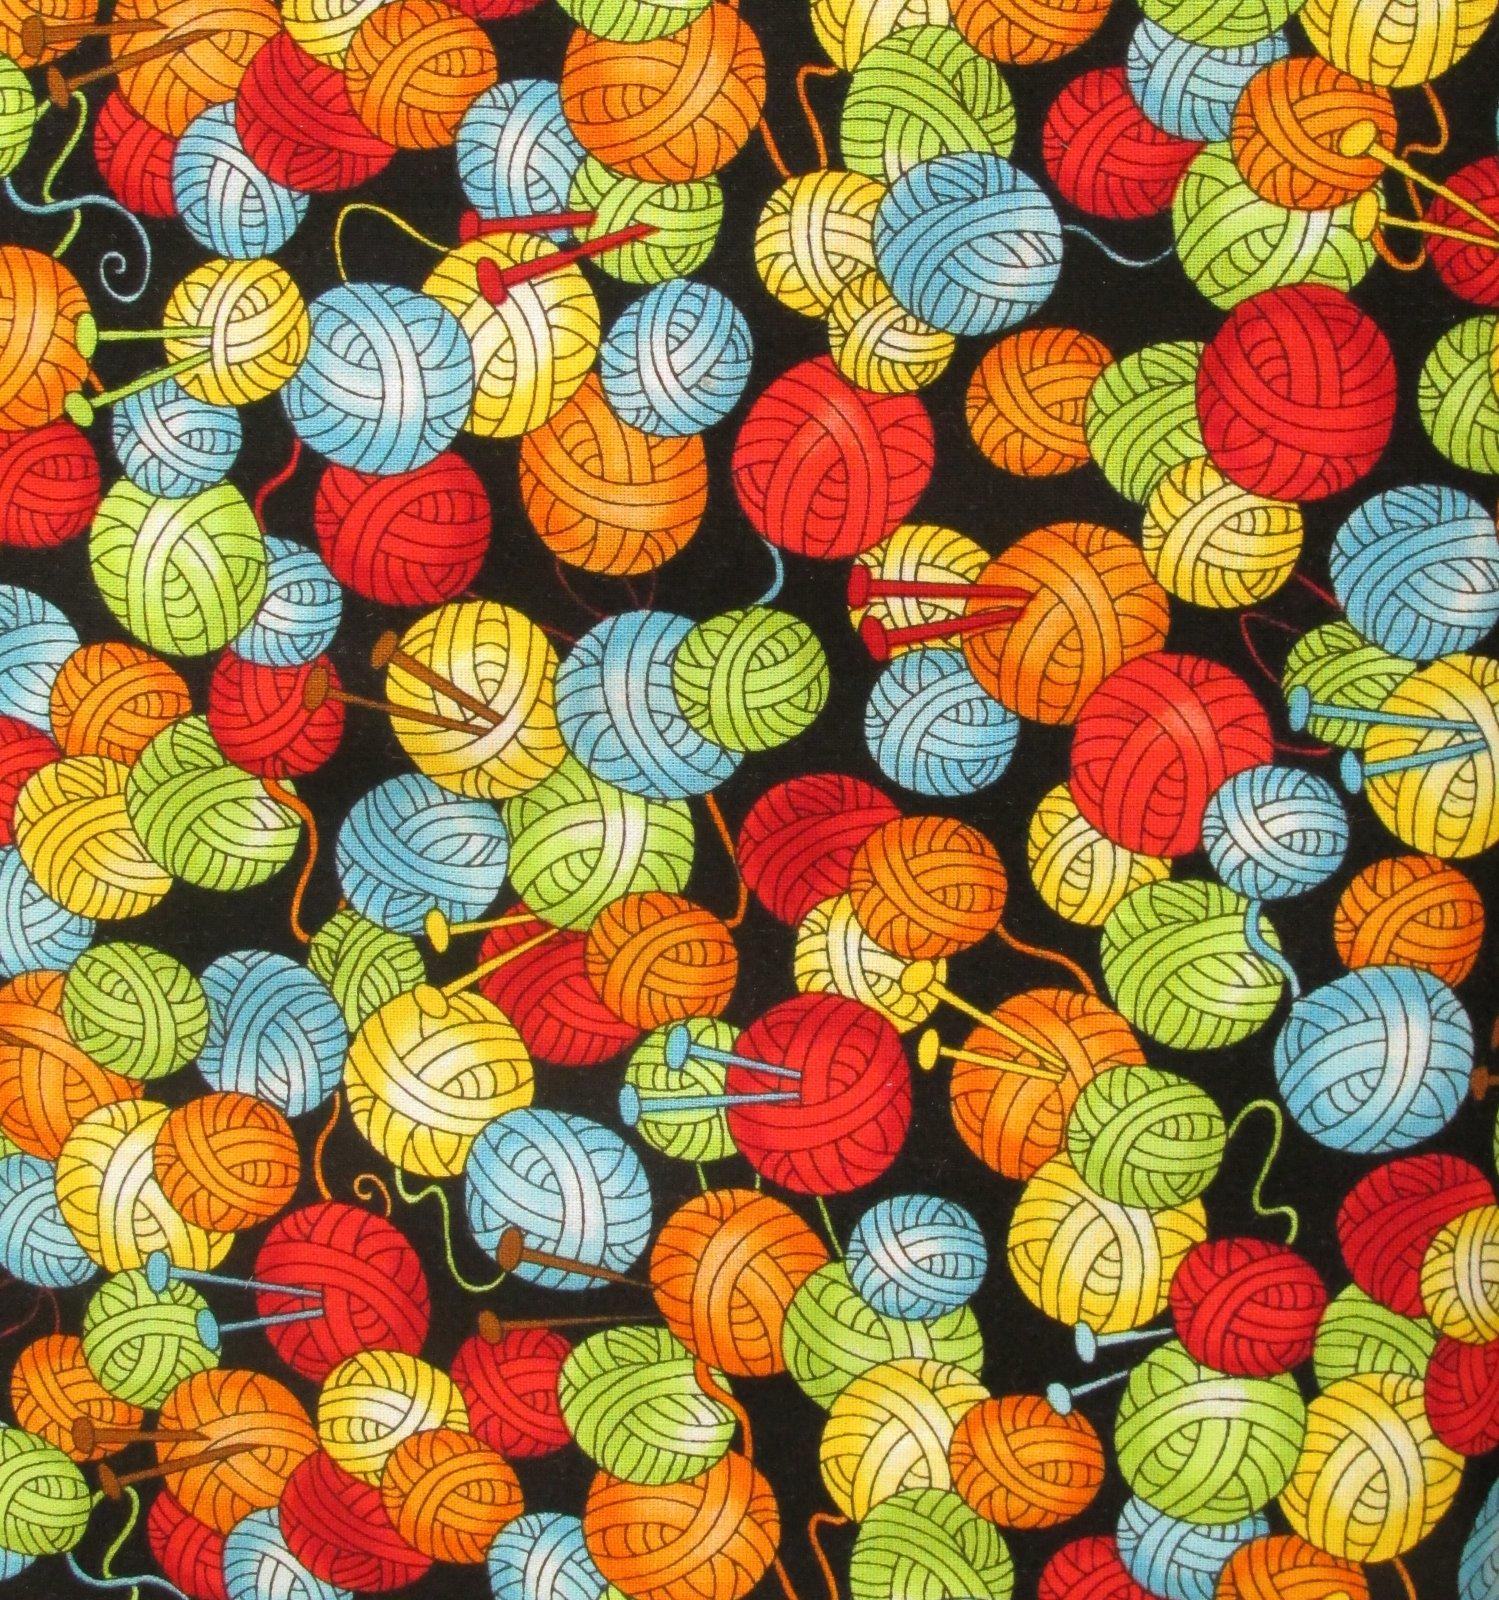 Knit Happy Yarn Balls